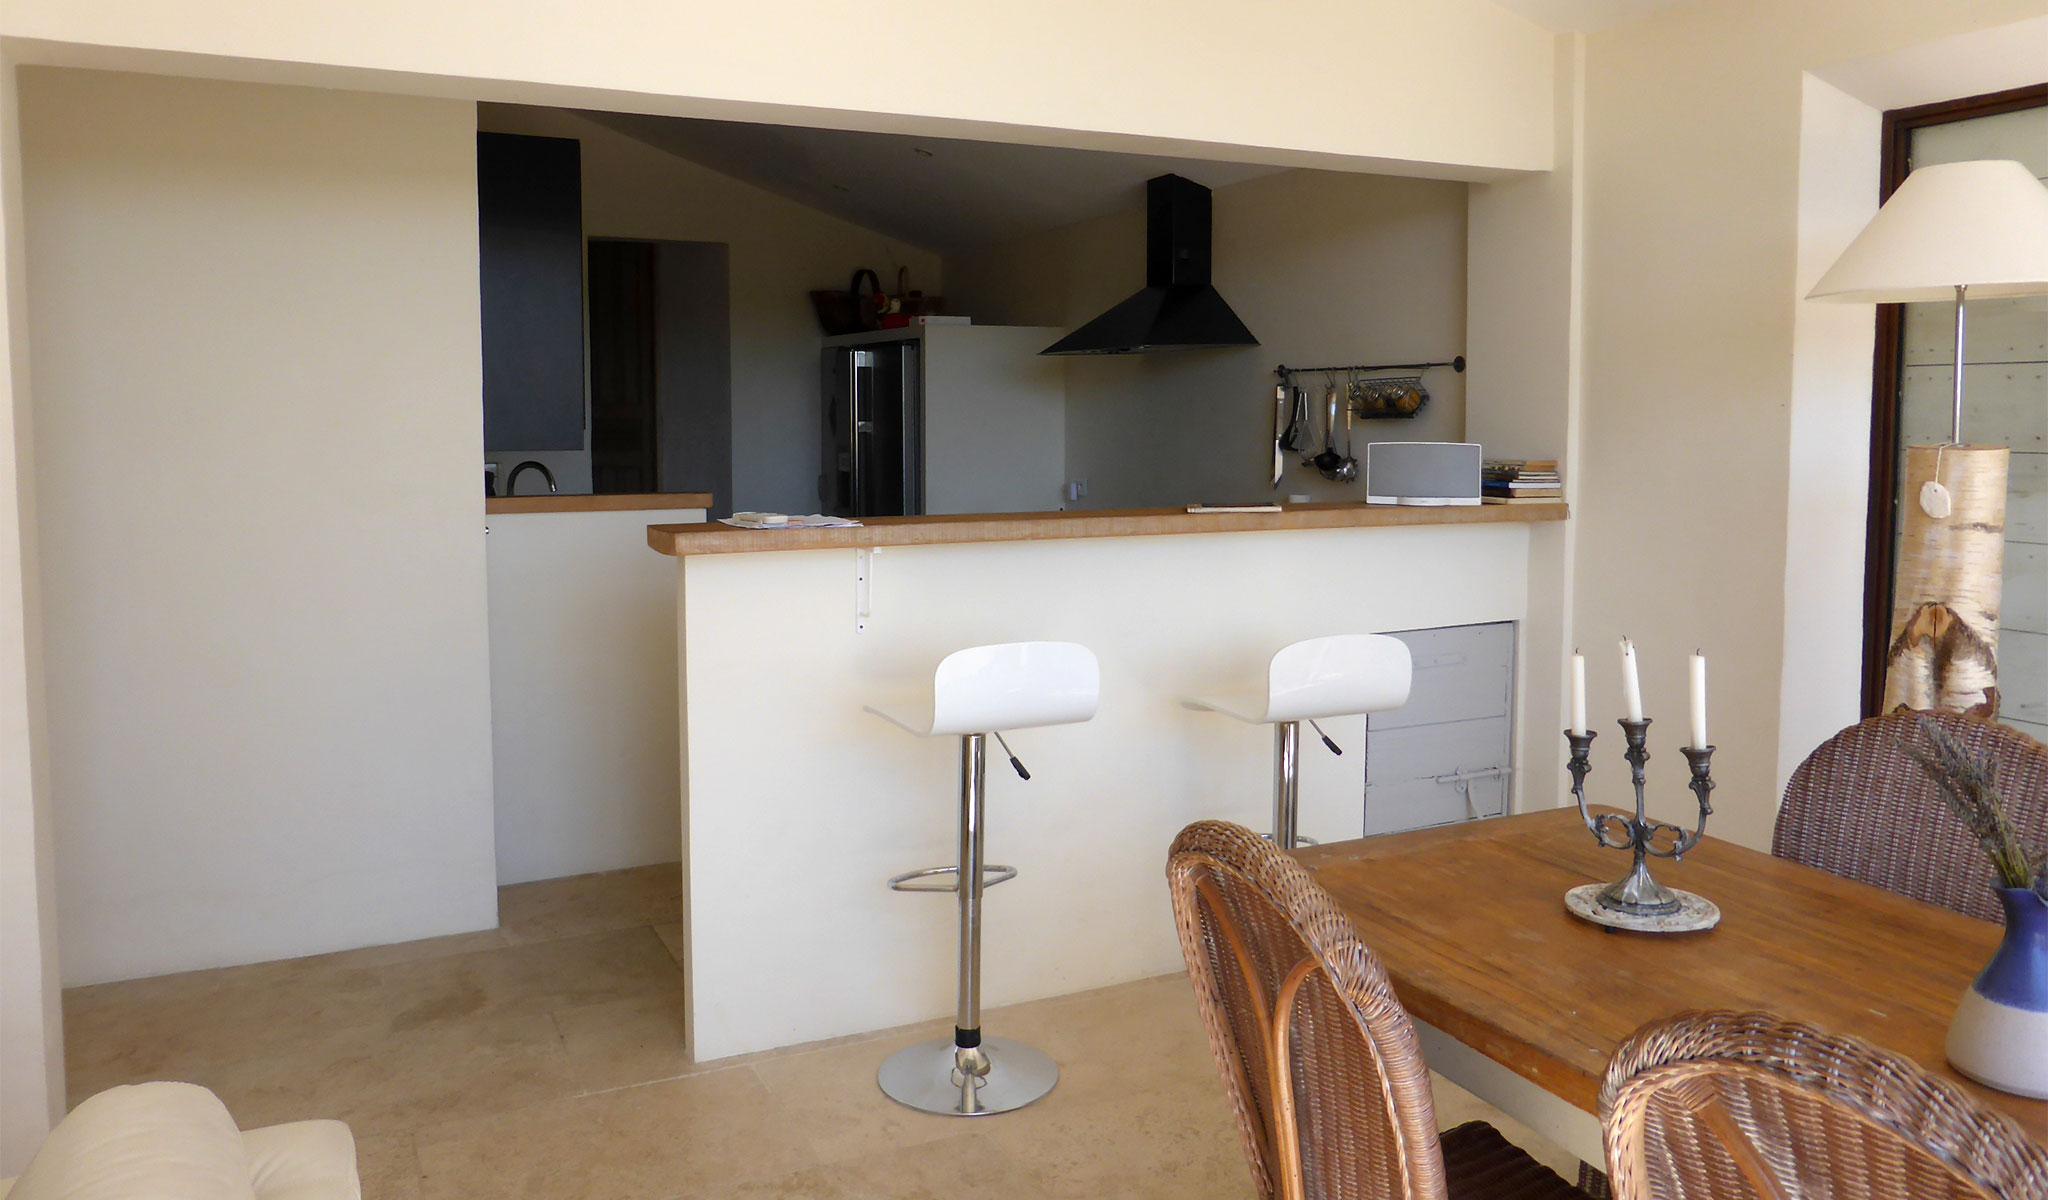 La Maison de Lune dining room/kitchen